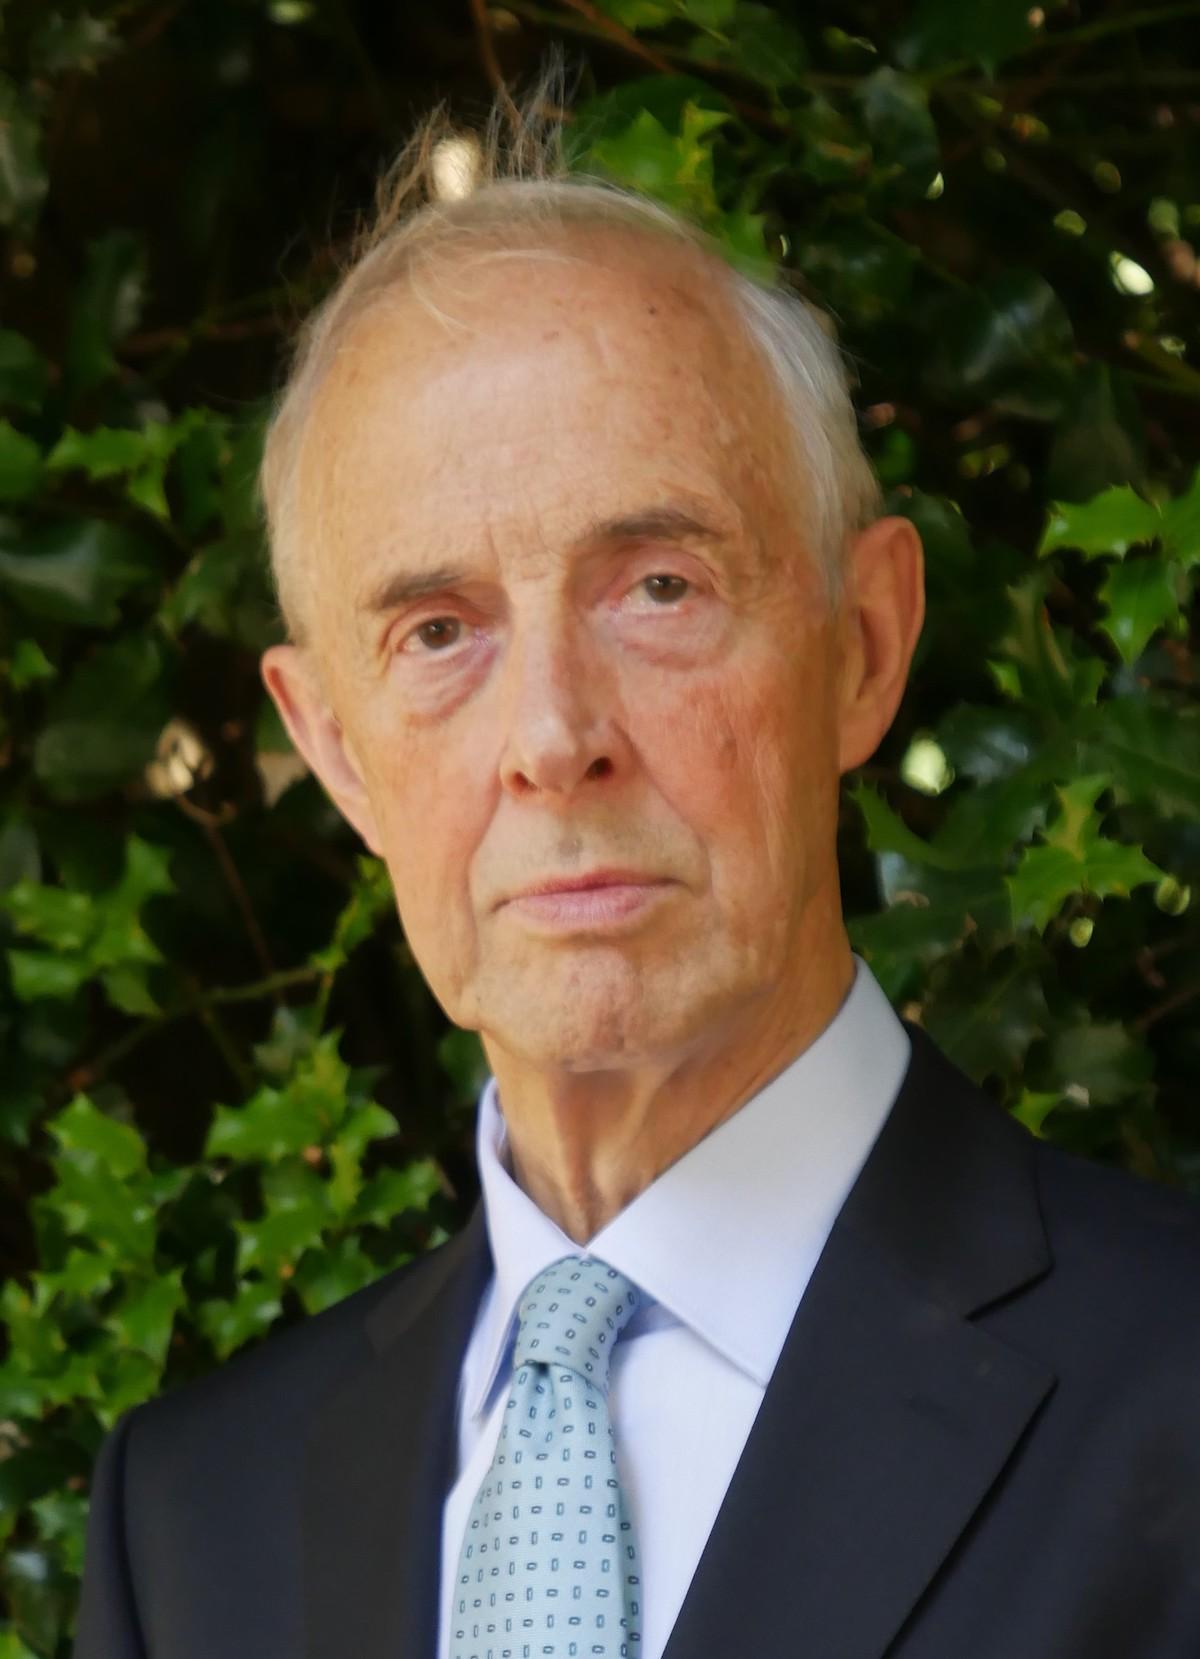 Pieter Lakeman Voorzitter Stichting Sobi - Directeur Swapschade BV